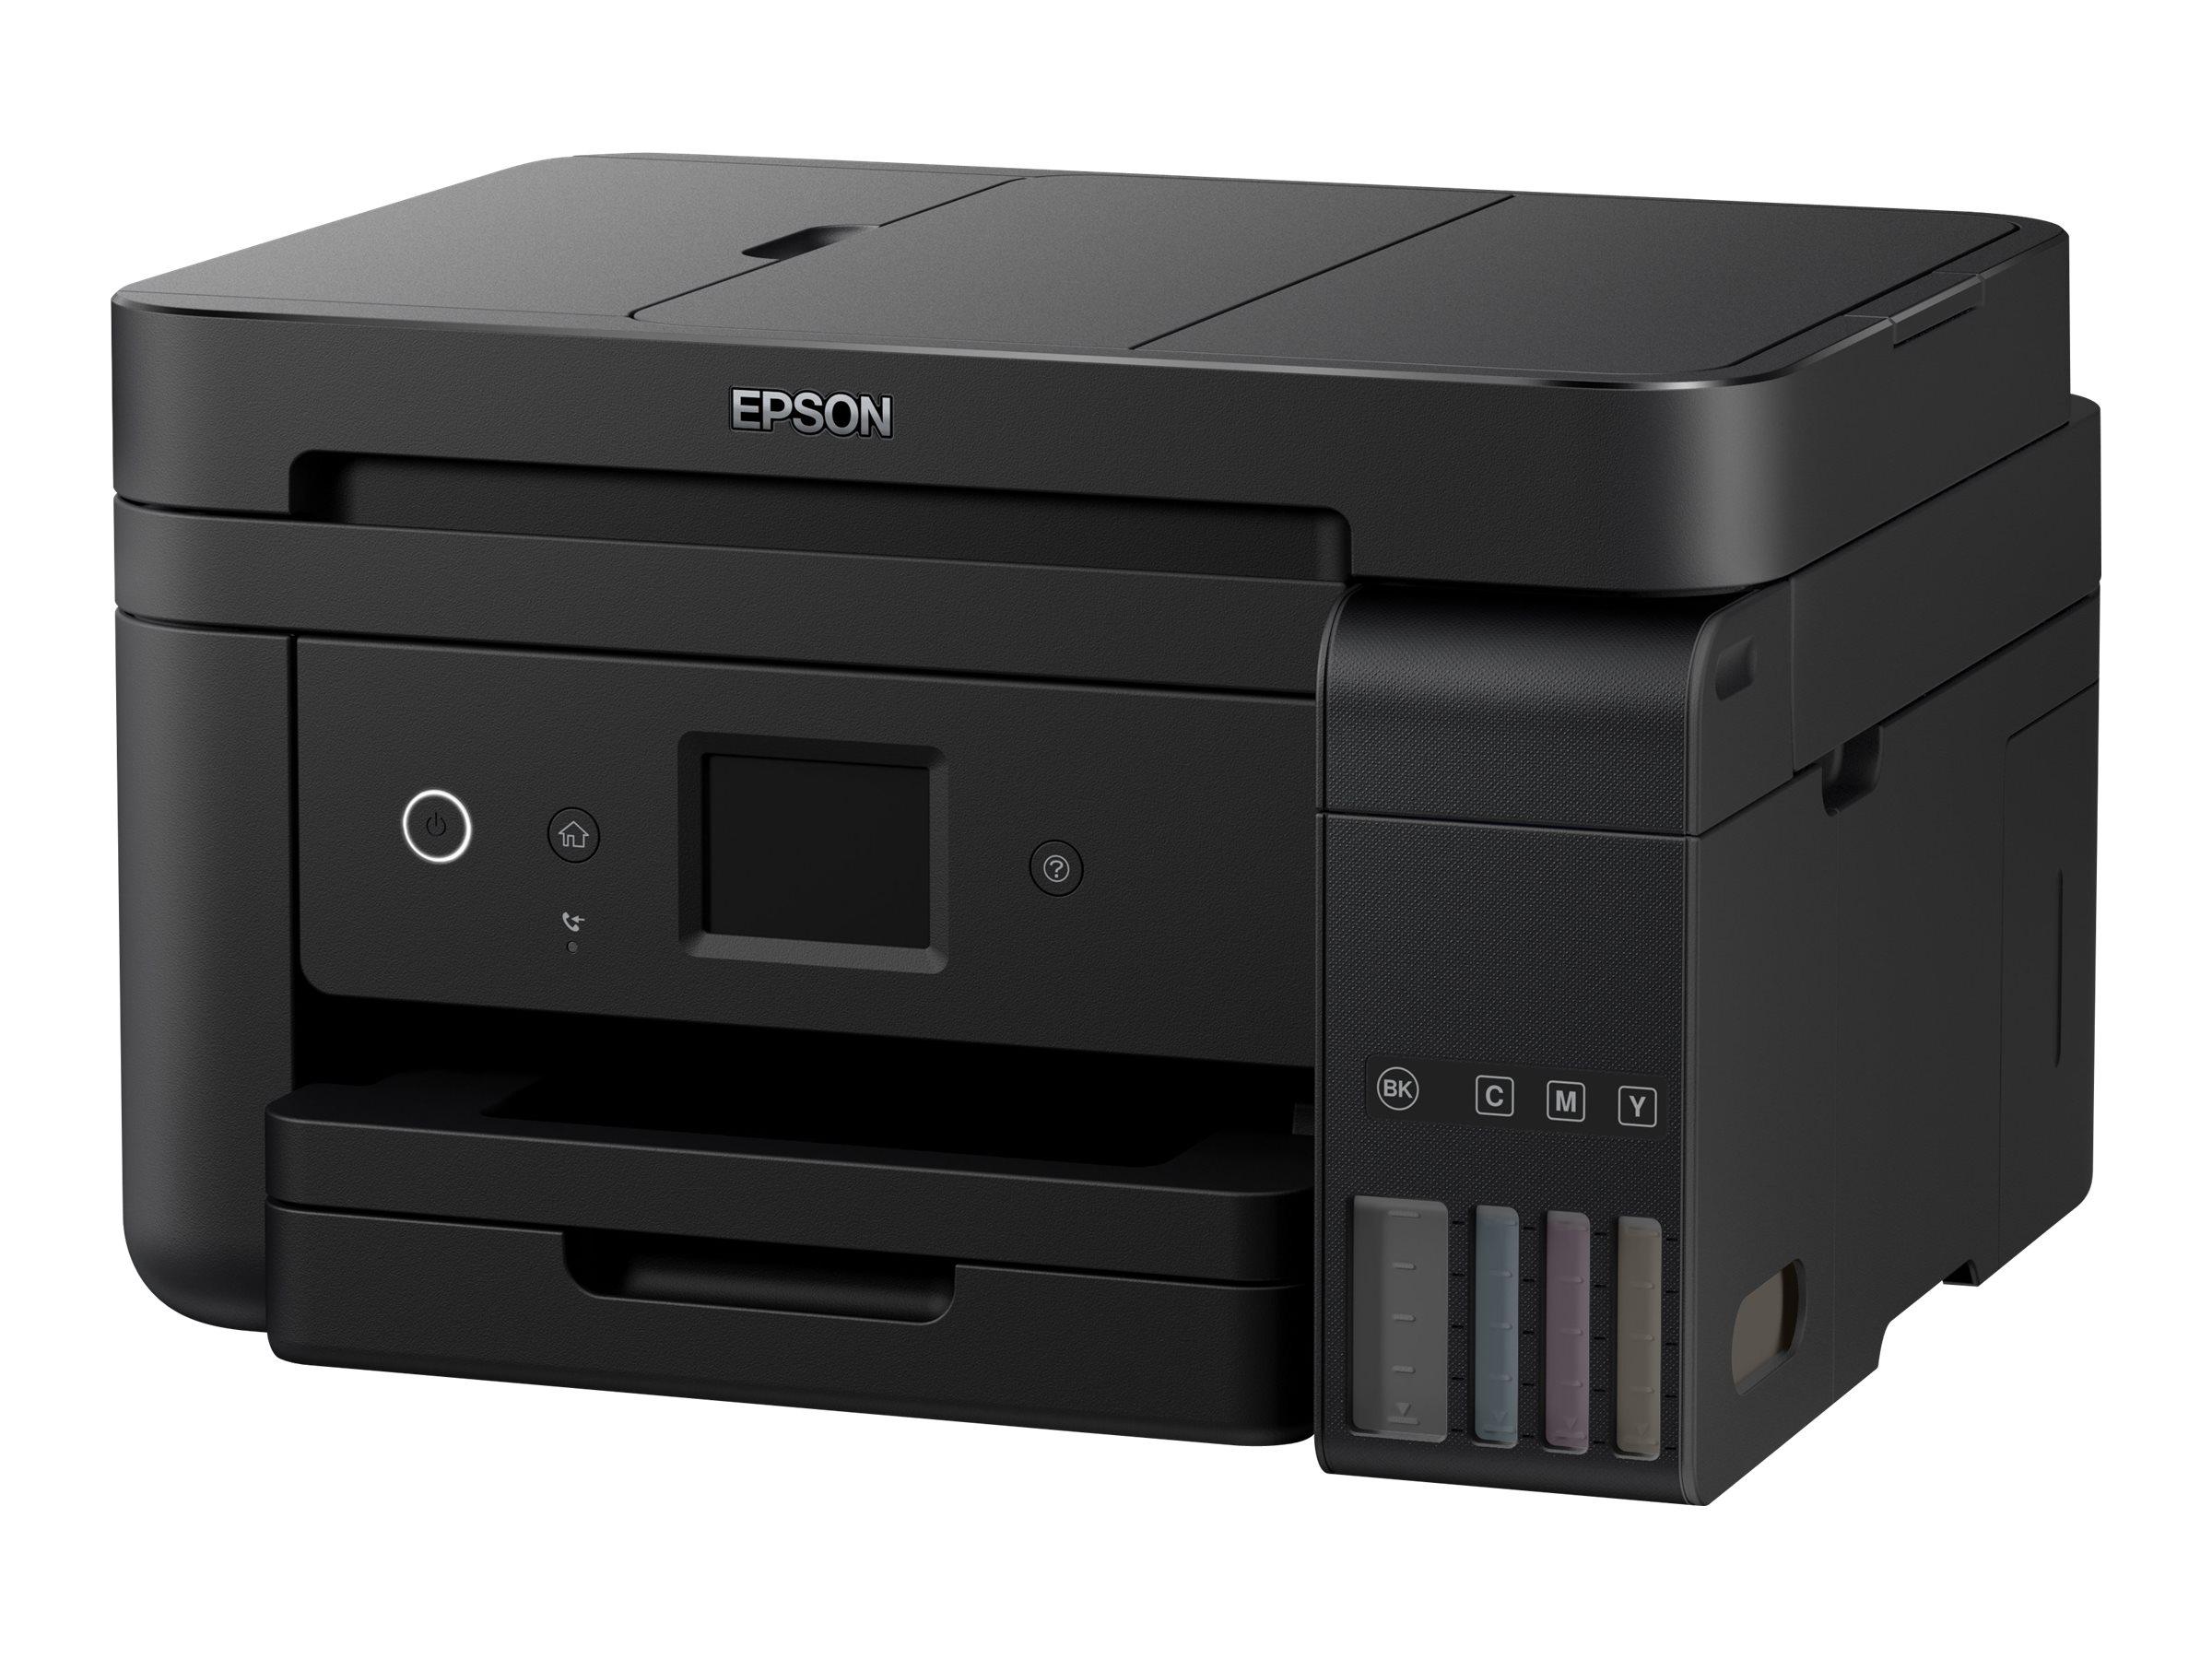 Epson EcoTank ET-4750 - Multifunktionsdrucker - Farbe - Tintenstrahl - A4/Legal (Medien) - bis zu 15 Seiten/Min. (Drucken)